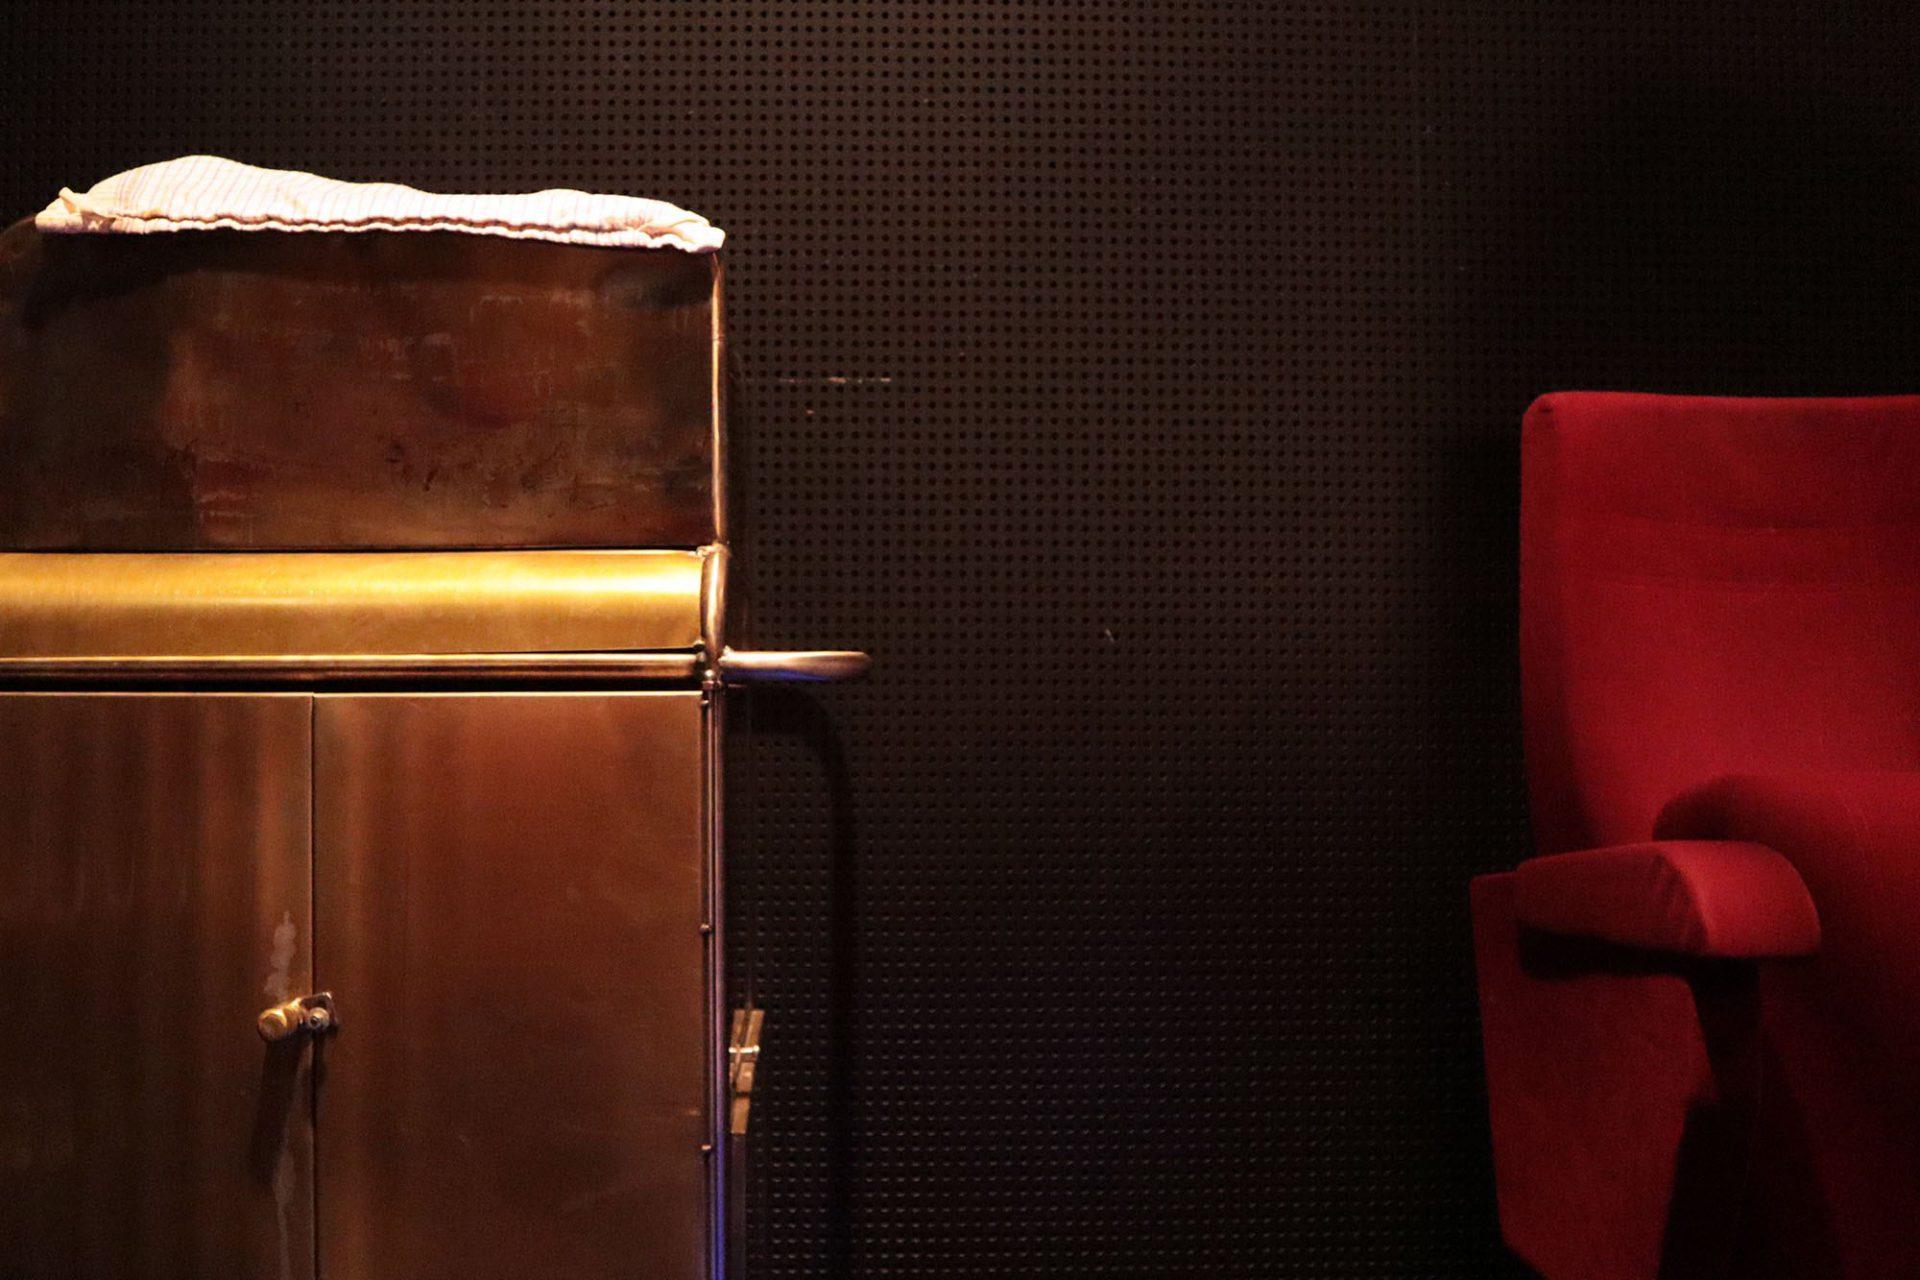 """De Cacaofabriek. Montags bis Freitags werden beim """"De Goedemorgen Film"""" Kaffee und Schokolade zu Filmklassikern gereicht. Hier soll auch an die glanzvolle Zeit der alten Lichtspielhäuser erinnert werden, wie dem ehemaligen Scala im heutigen Kunstkwartier."""